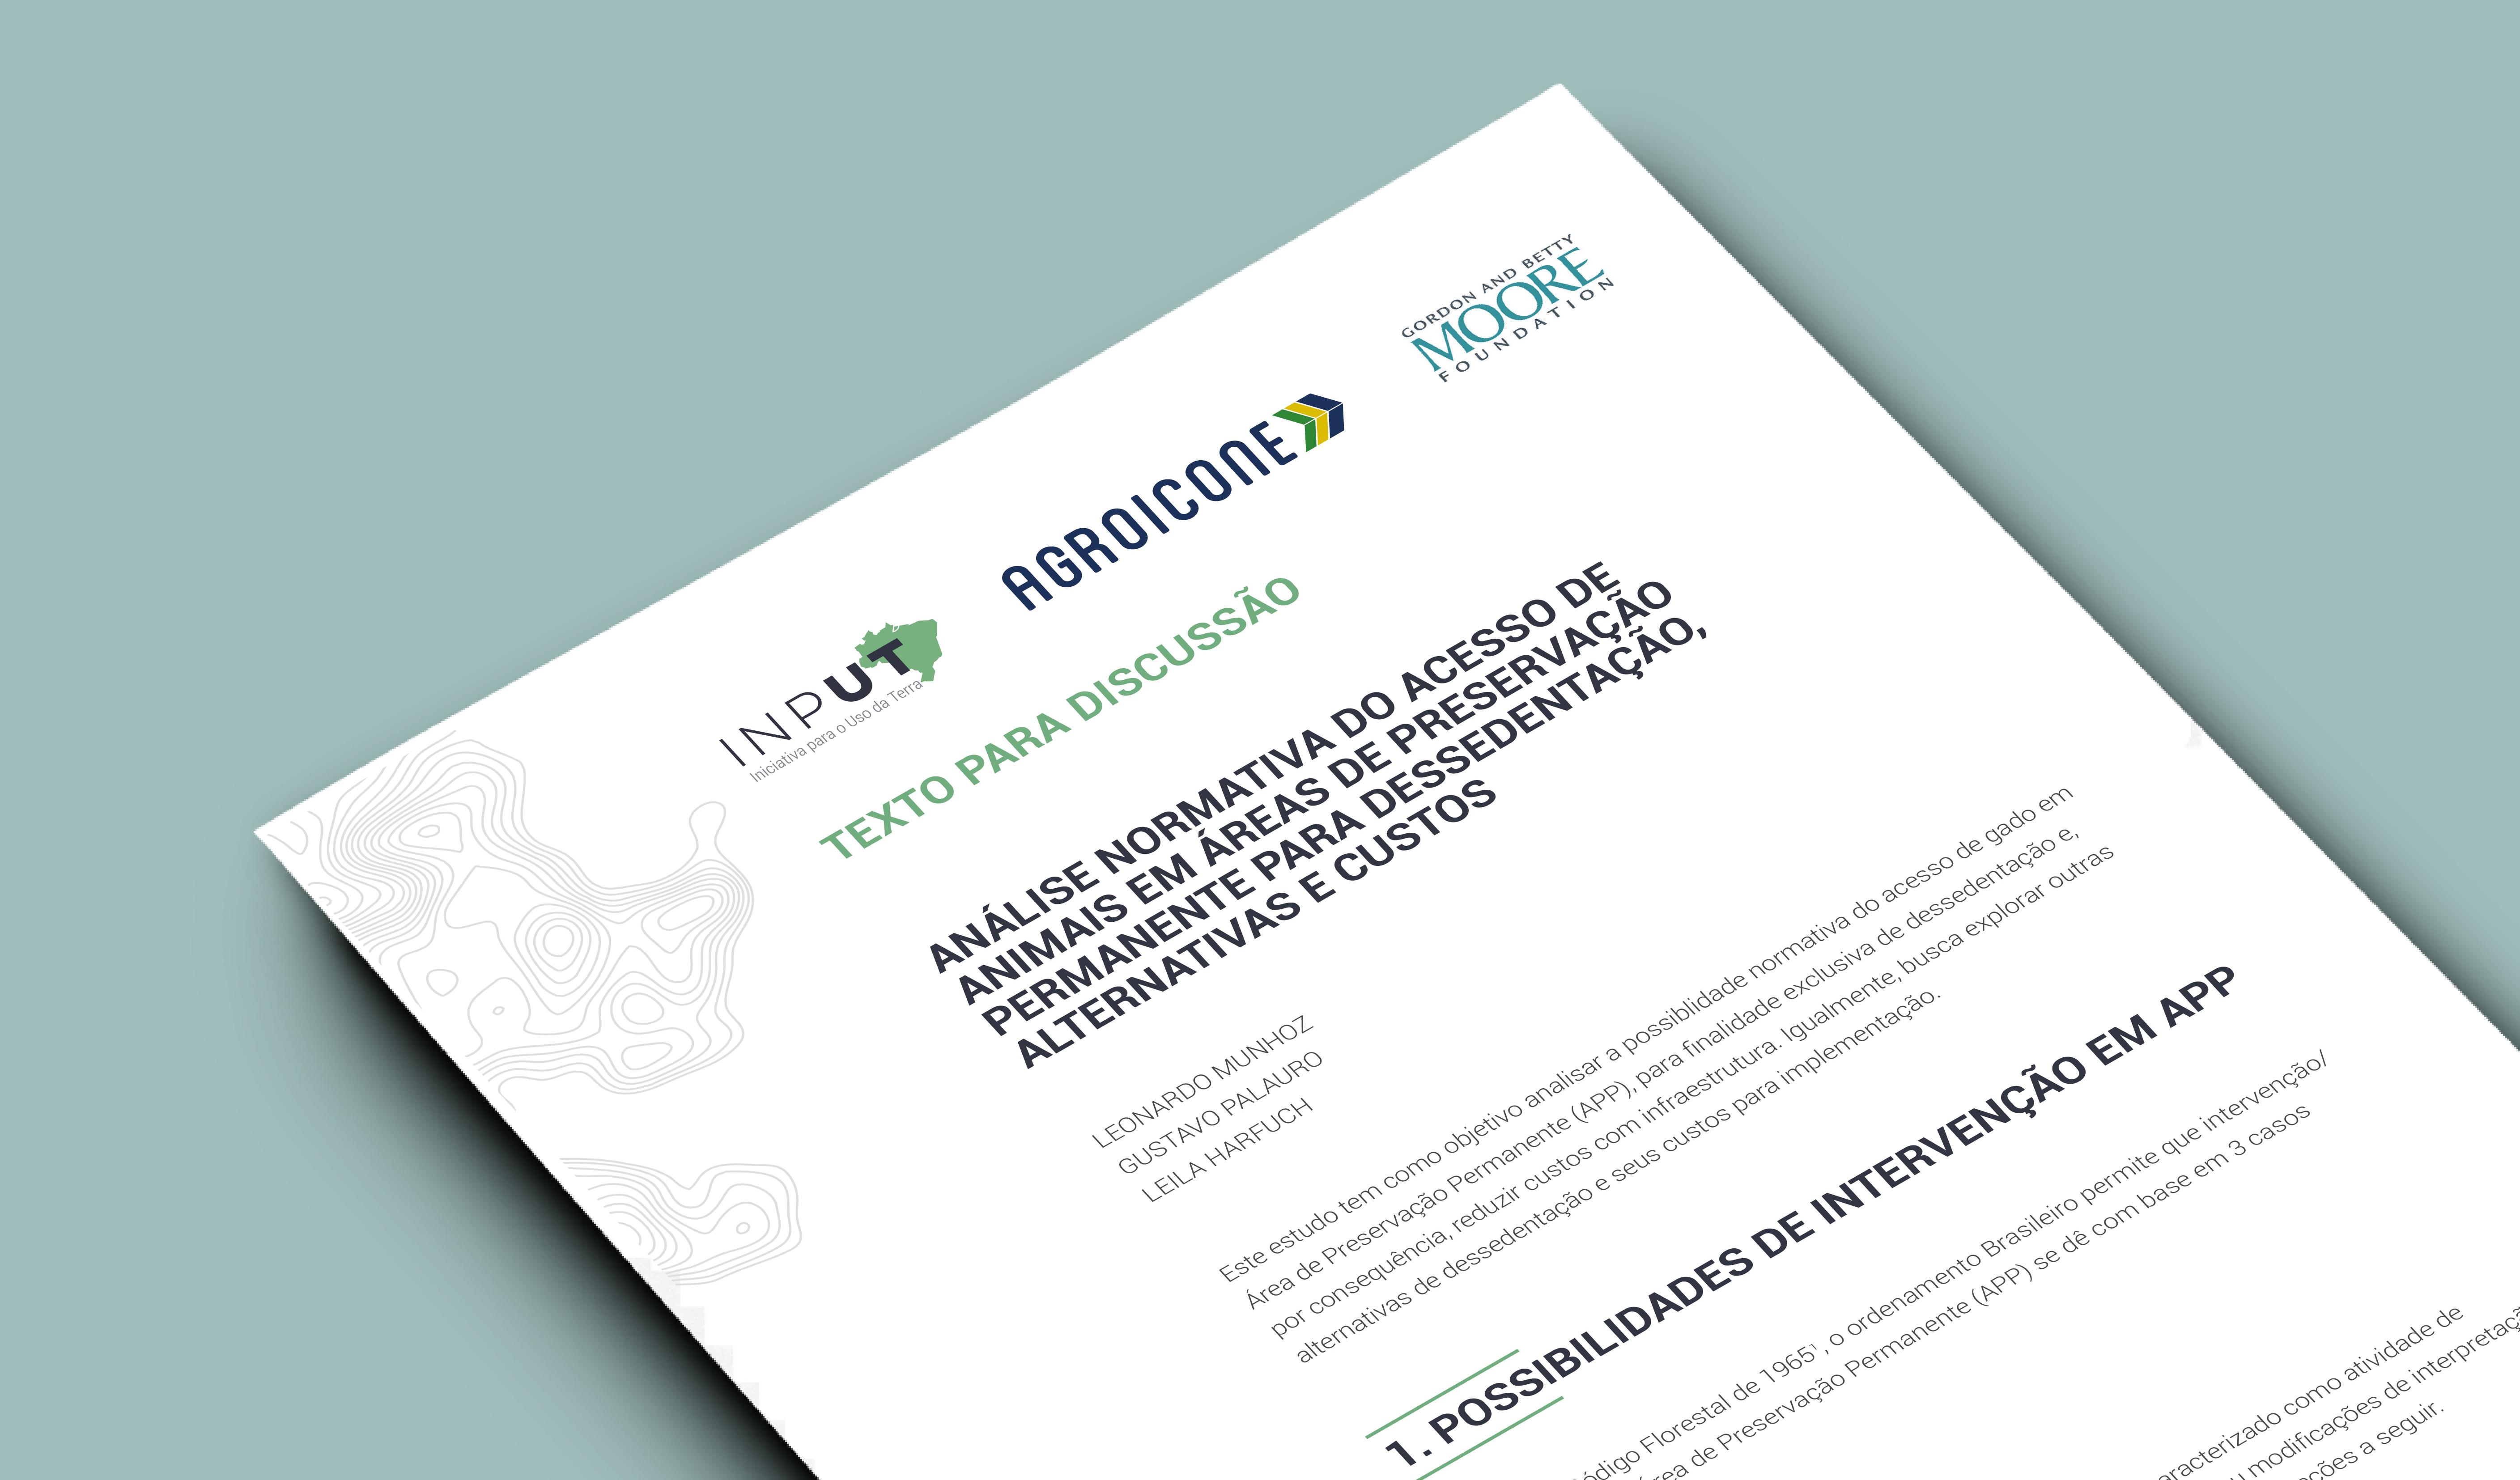 Análise normativa do acesso de animais em apps para dessedentação, alternativas e custos